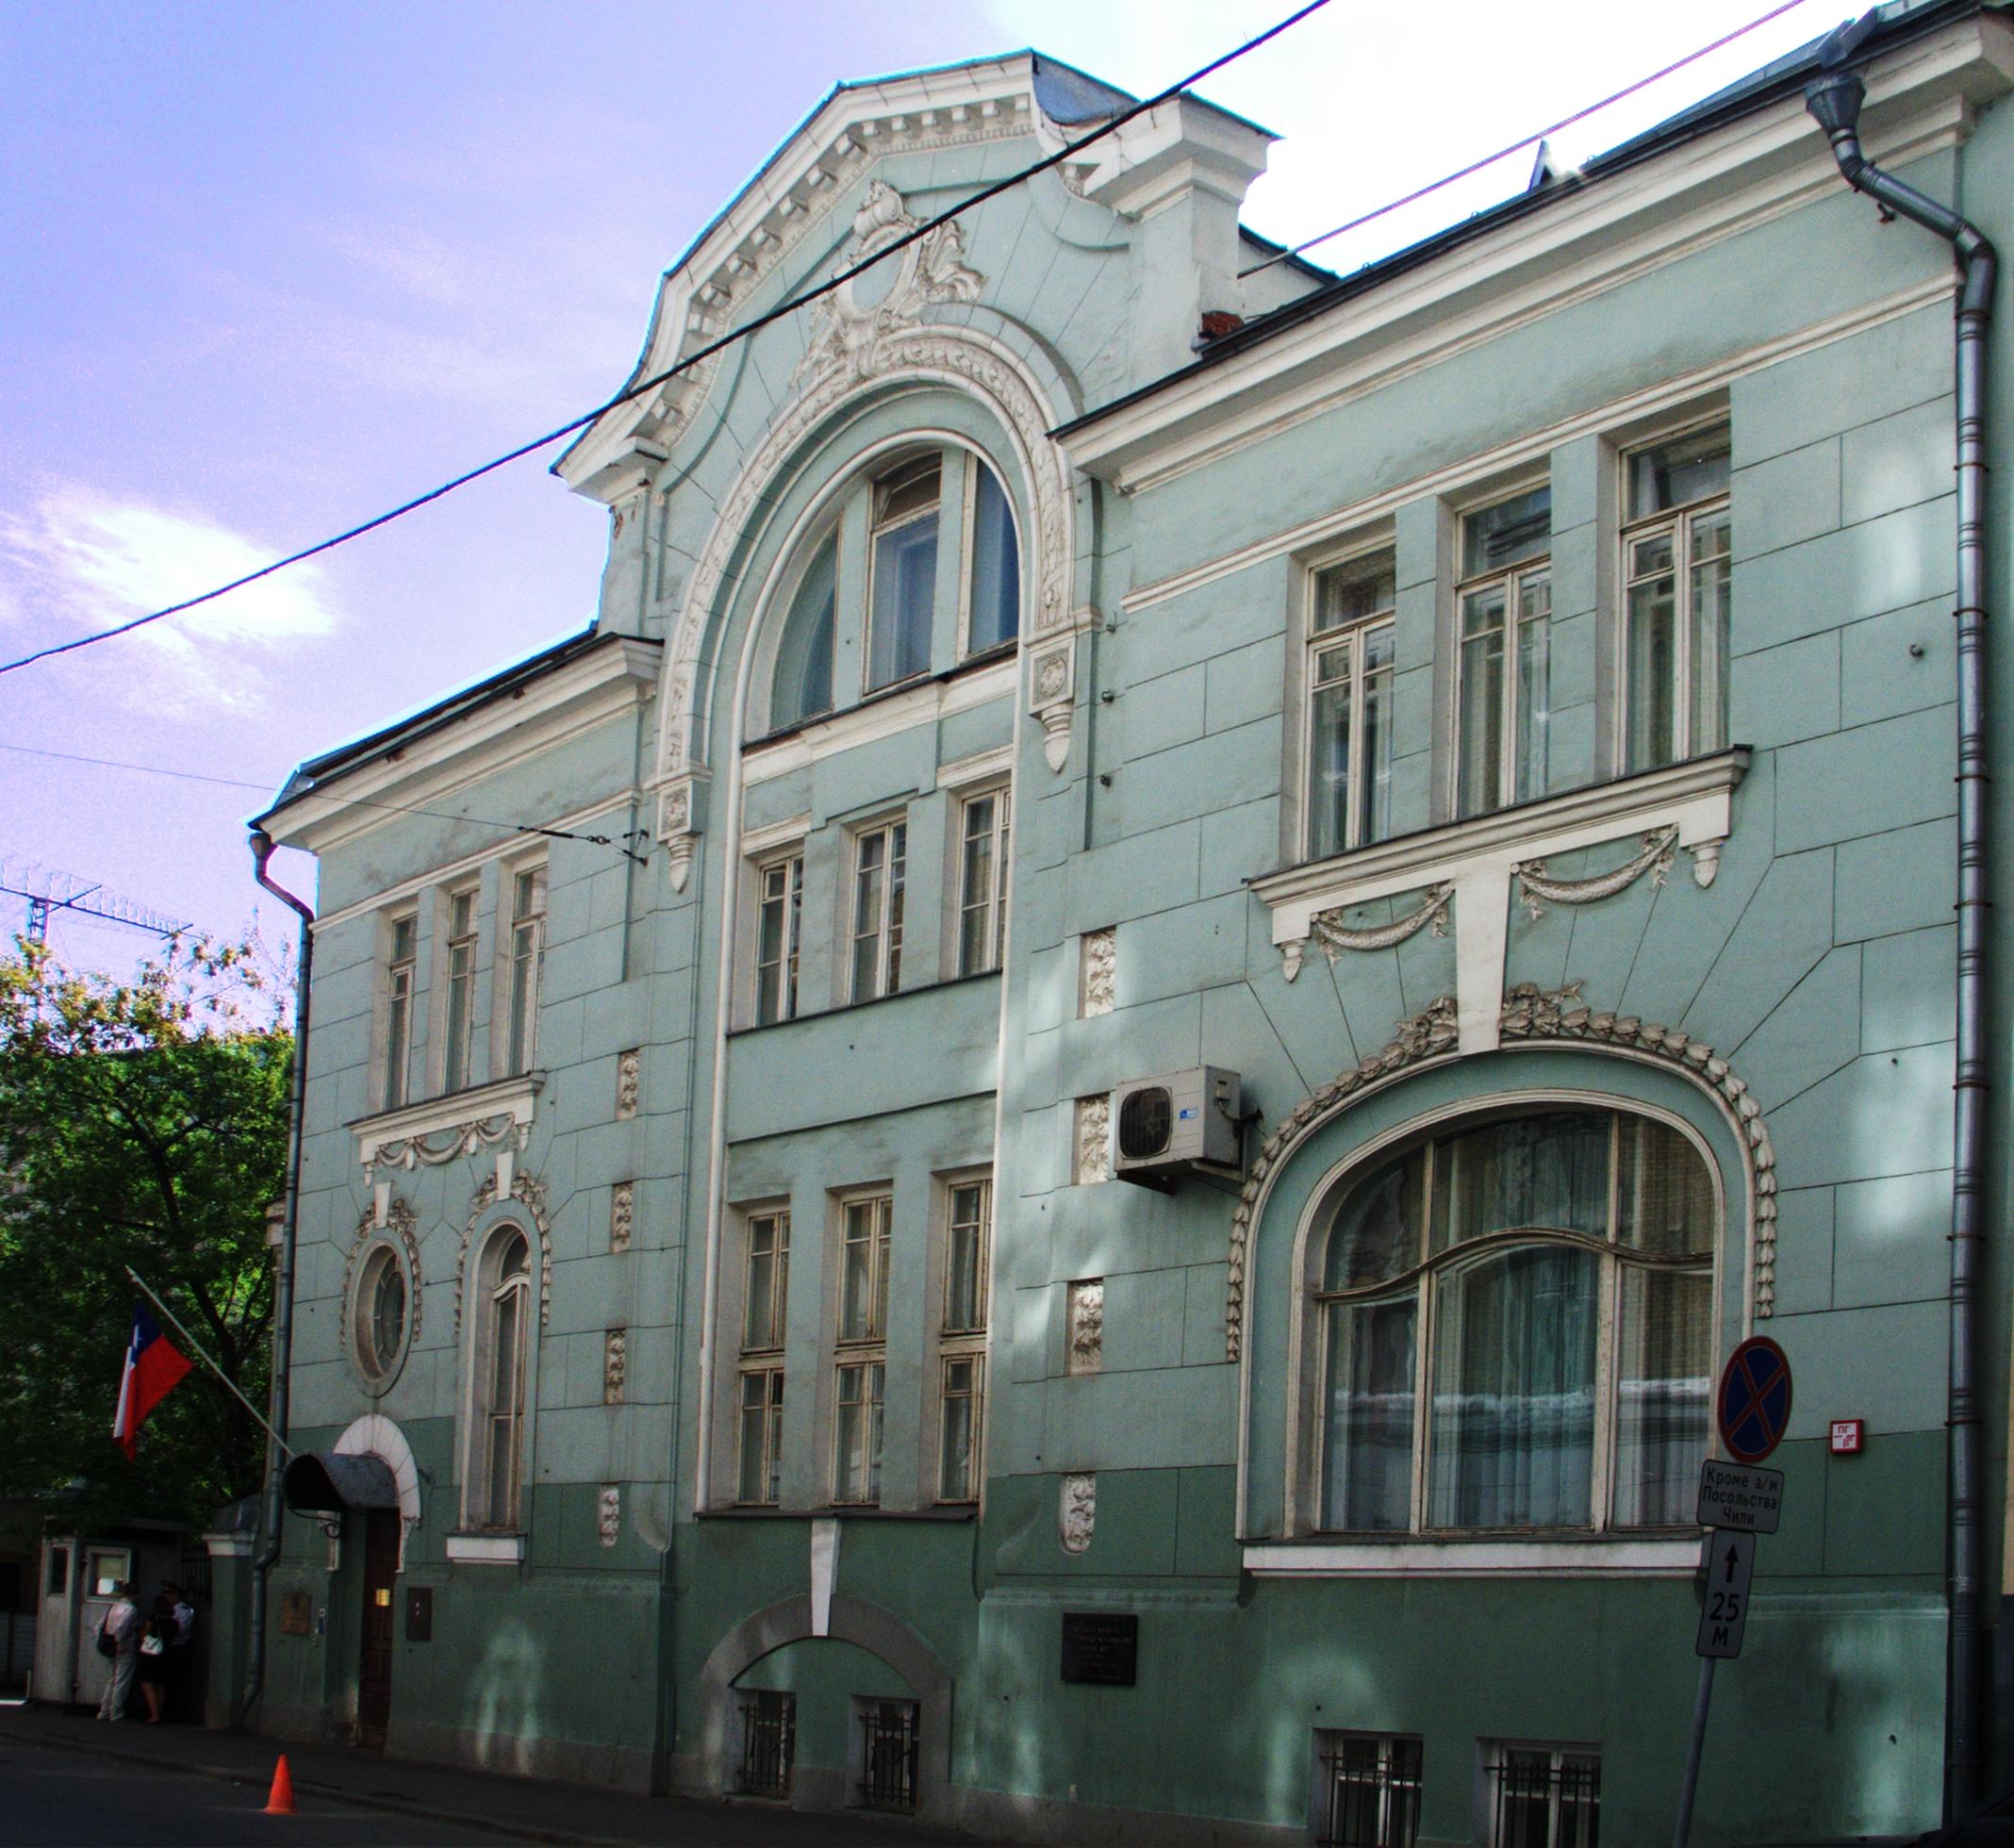 Официальный адрес посольства Чили в Москве:119002, Москва, Денежный пер., д.7, к.1. Официальный сайт посольства Чили.